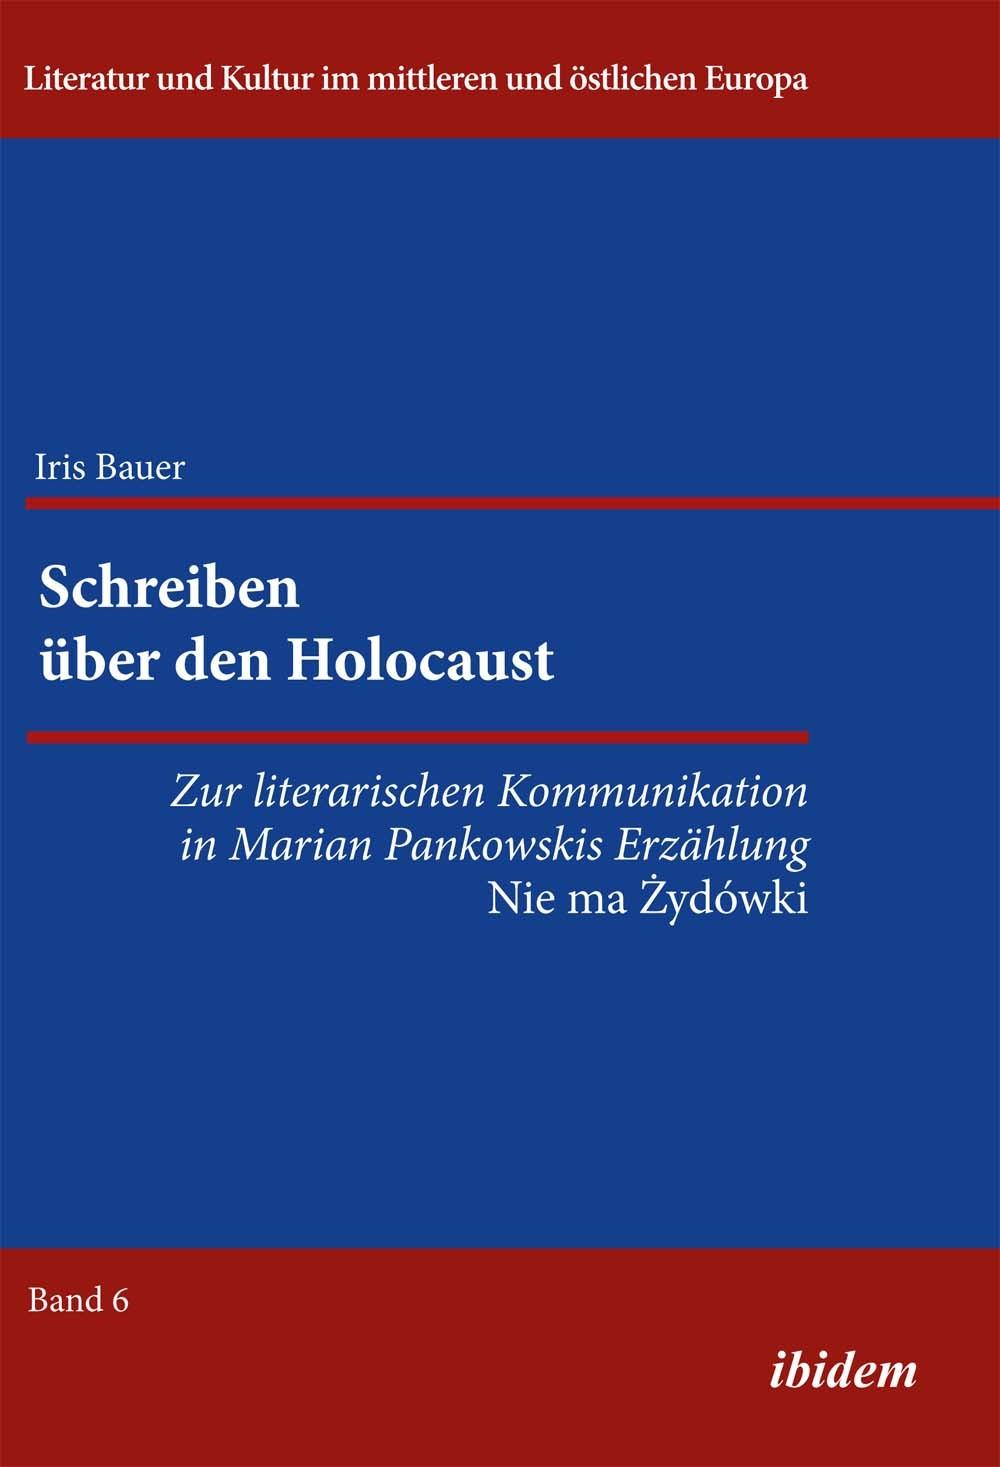 Schreiben über den Holocaust